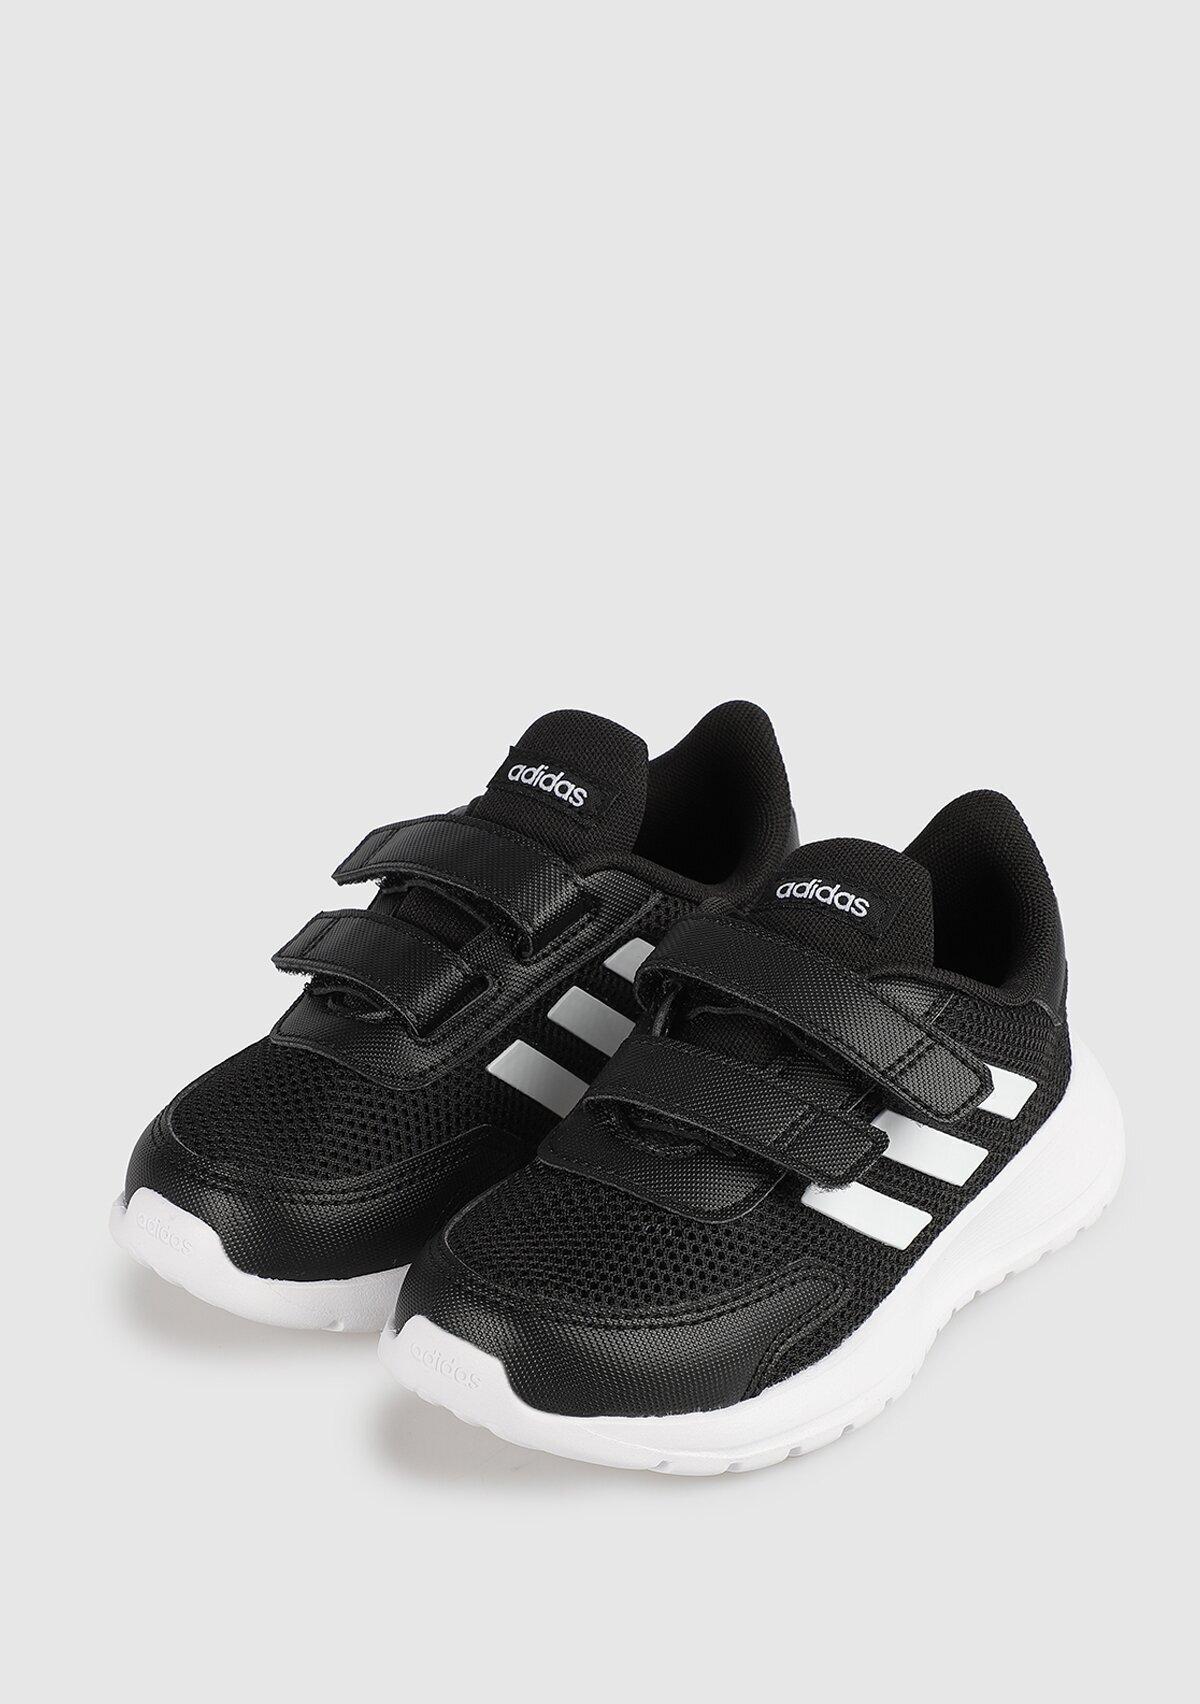 resm Tensaur Run Siyah Unisex Koşu Ayakkabısı Eg4142